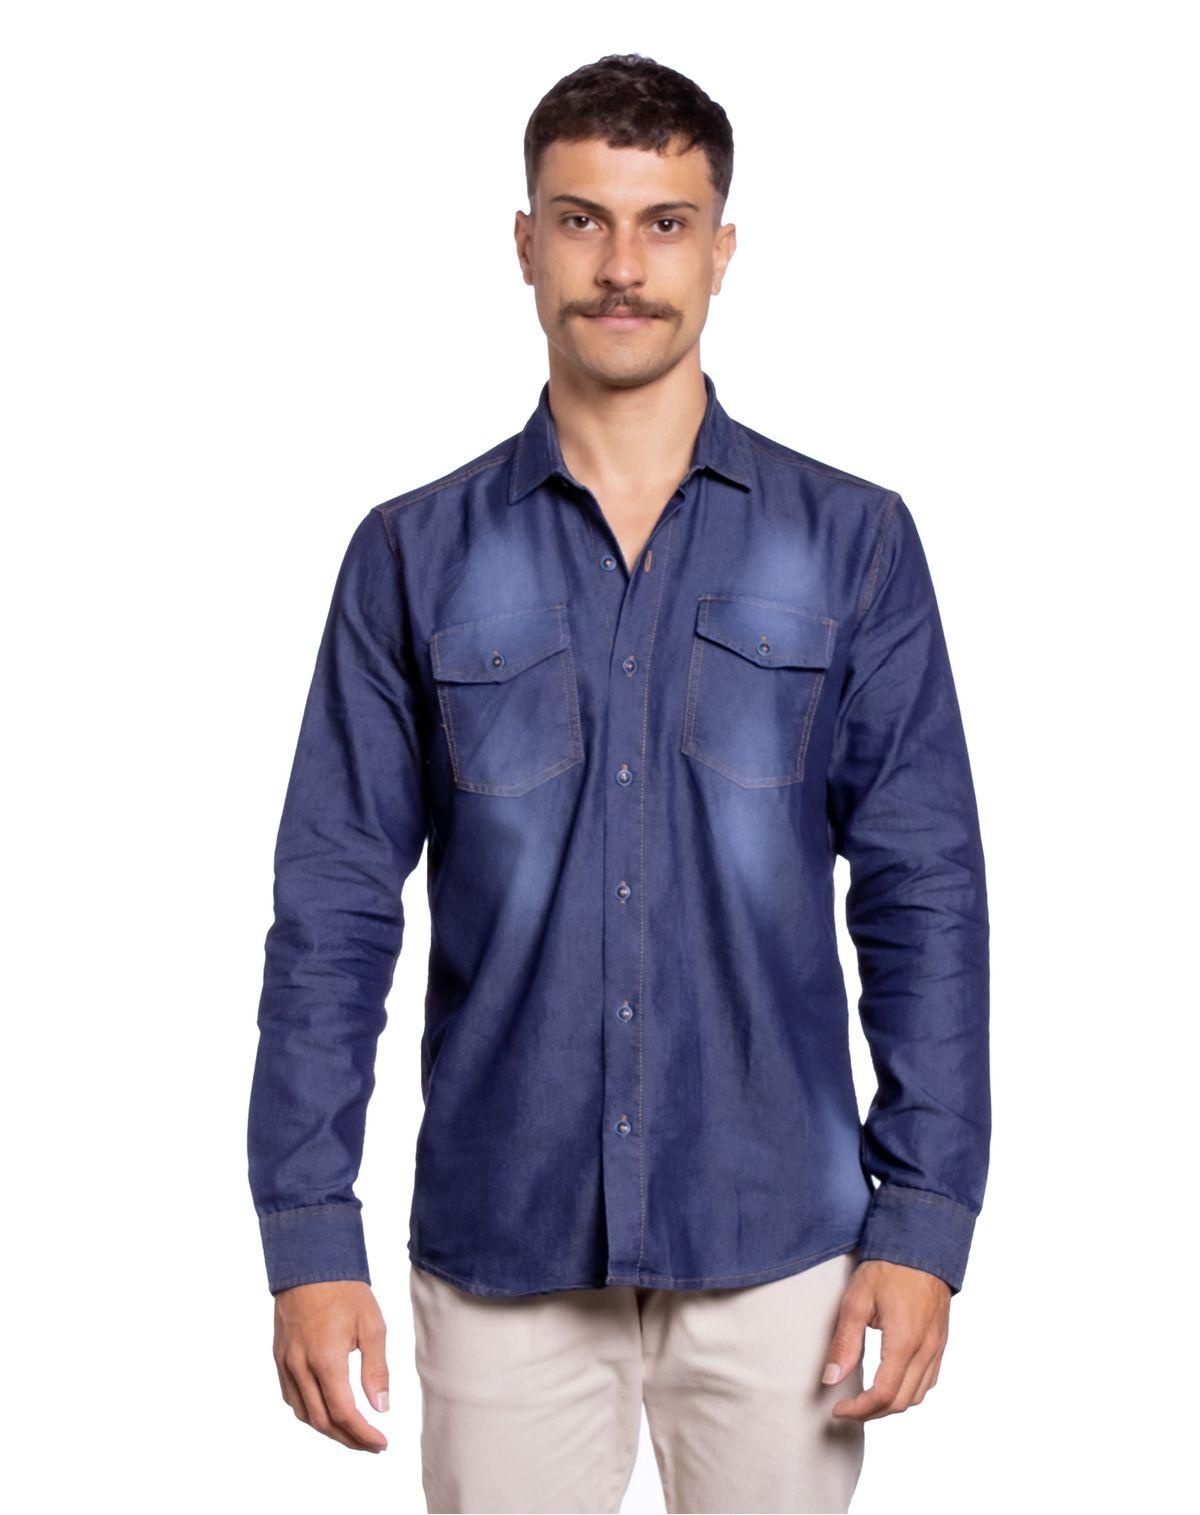 551749003-camisa-jeans-masculina-manga-longa-bolsos-jeans-escuro-g-3ff